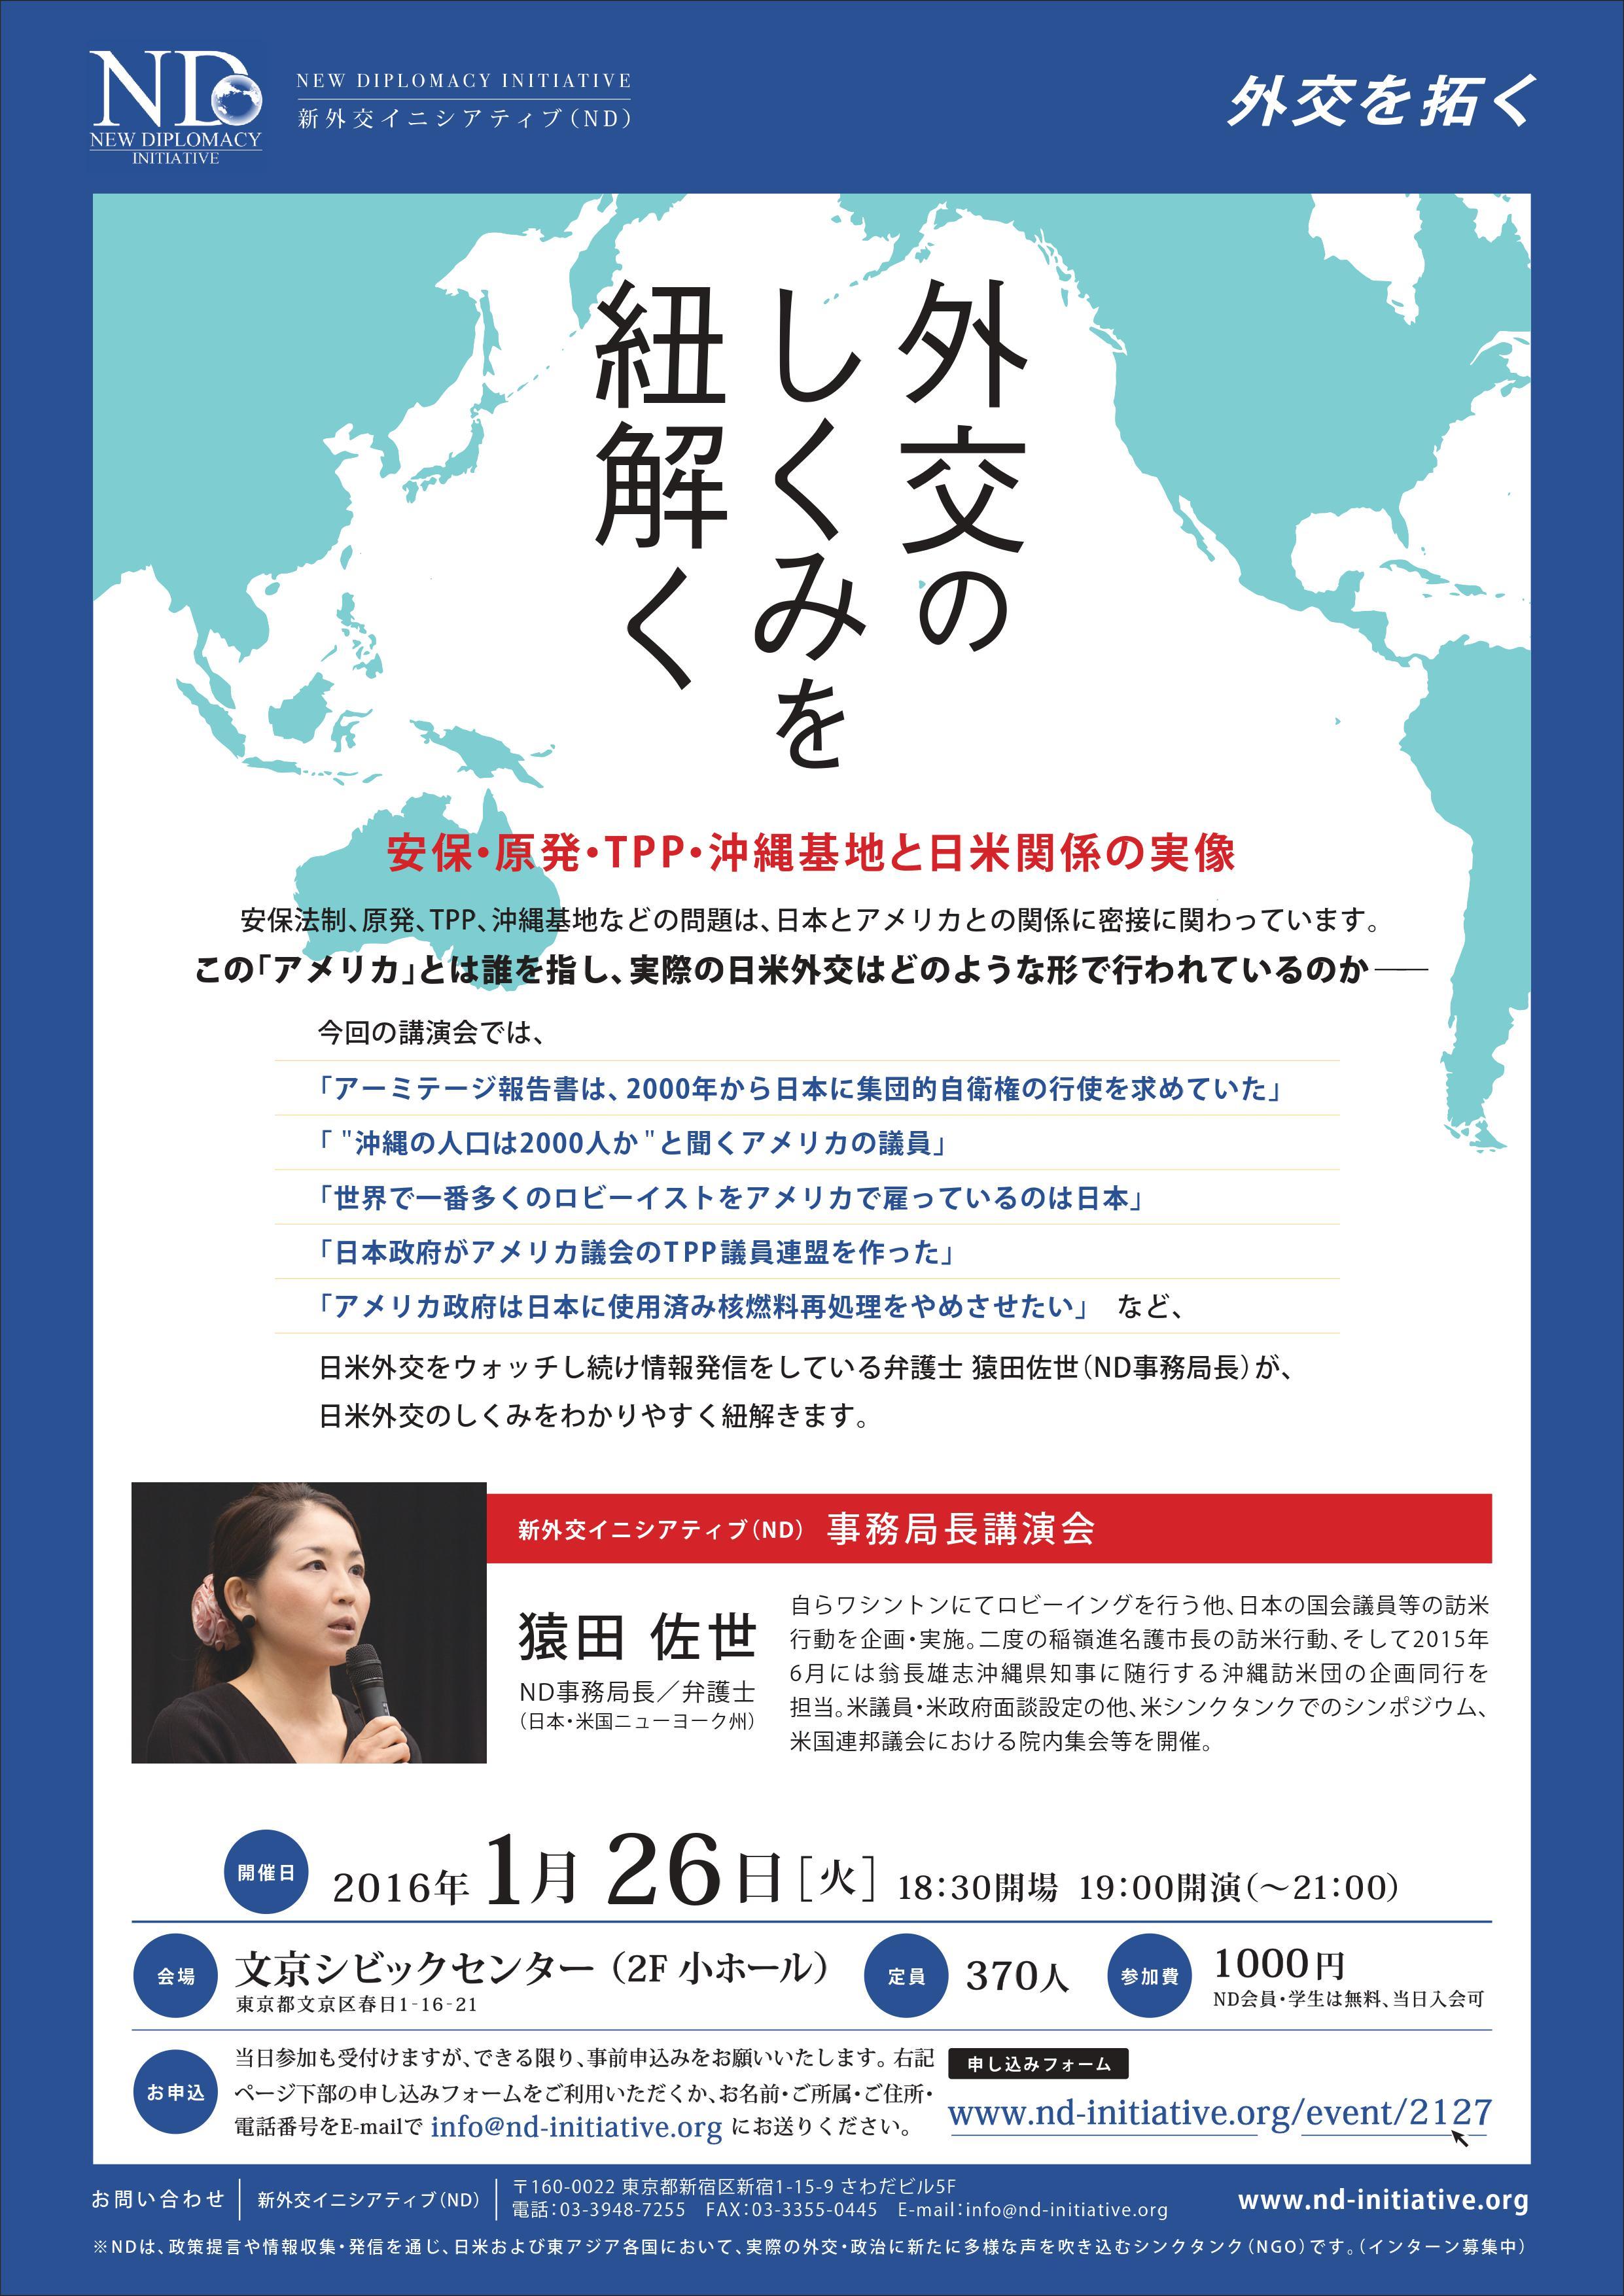 外交のしくみを紐解く</br>-安保・原発・TPP・沖縄基地と日米関係の実像-